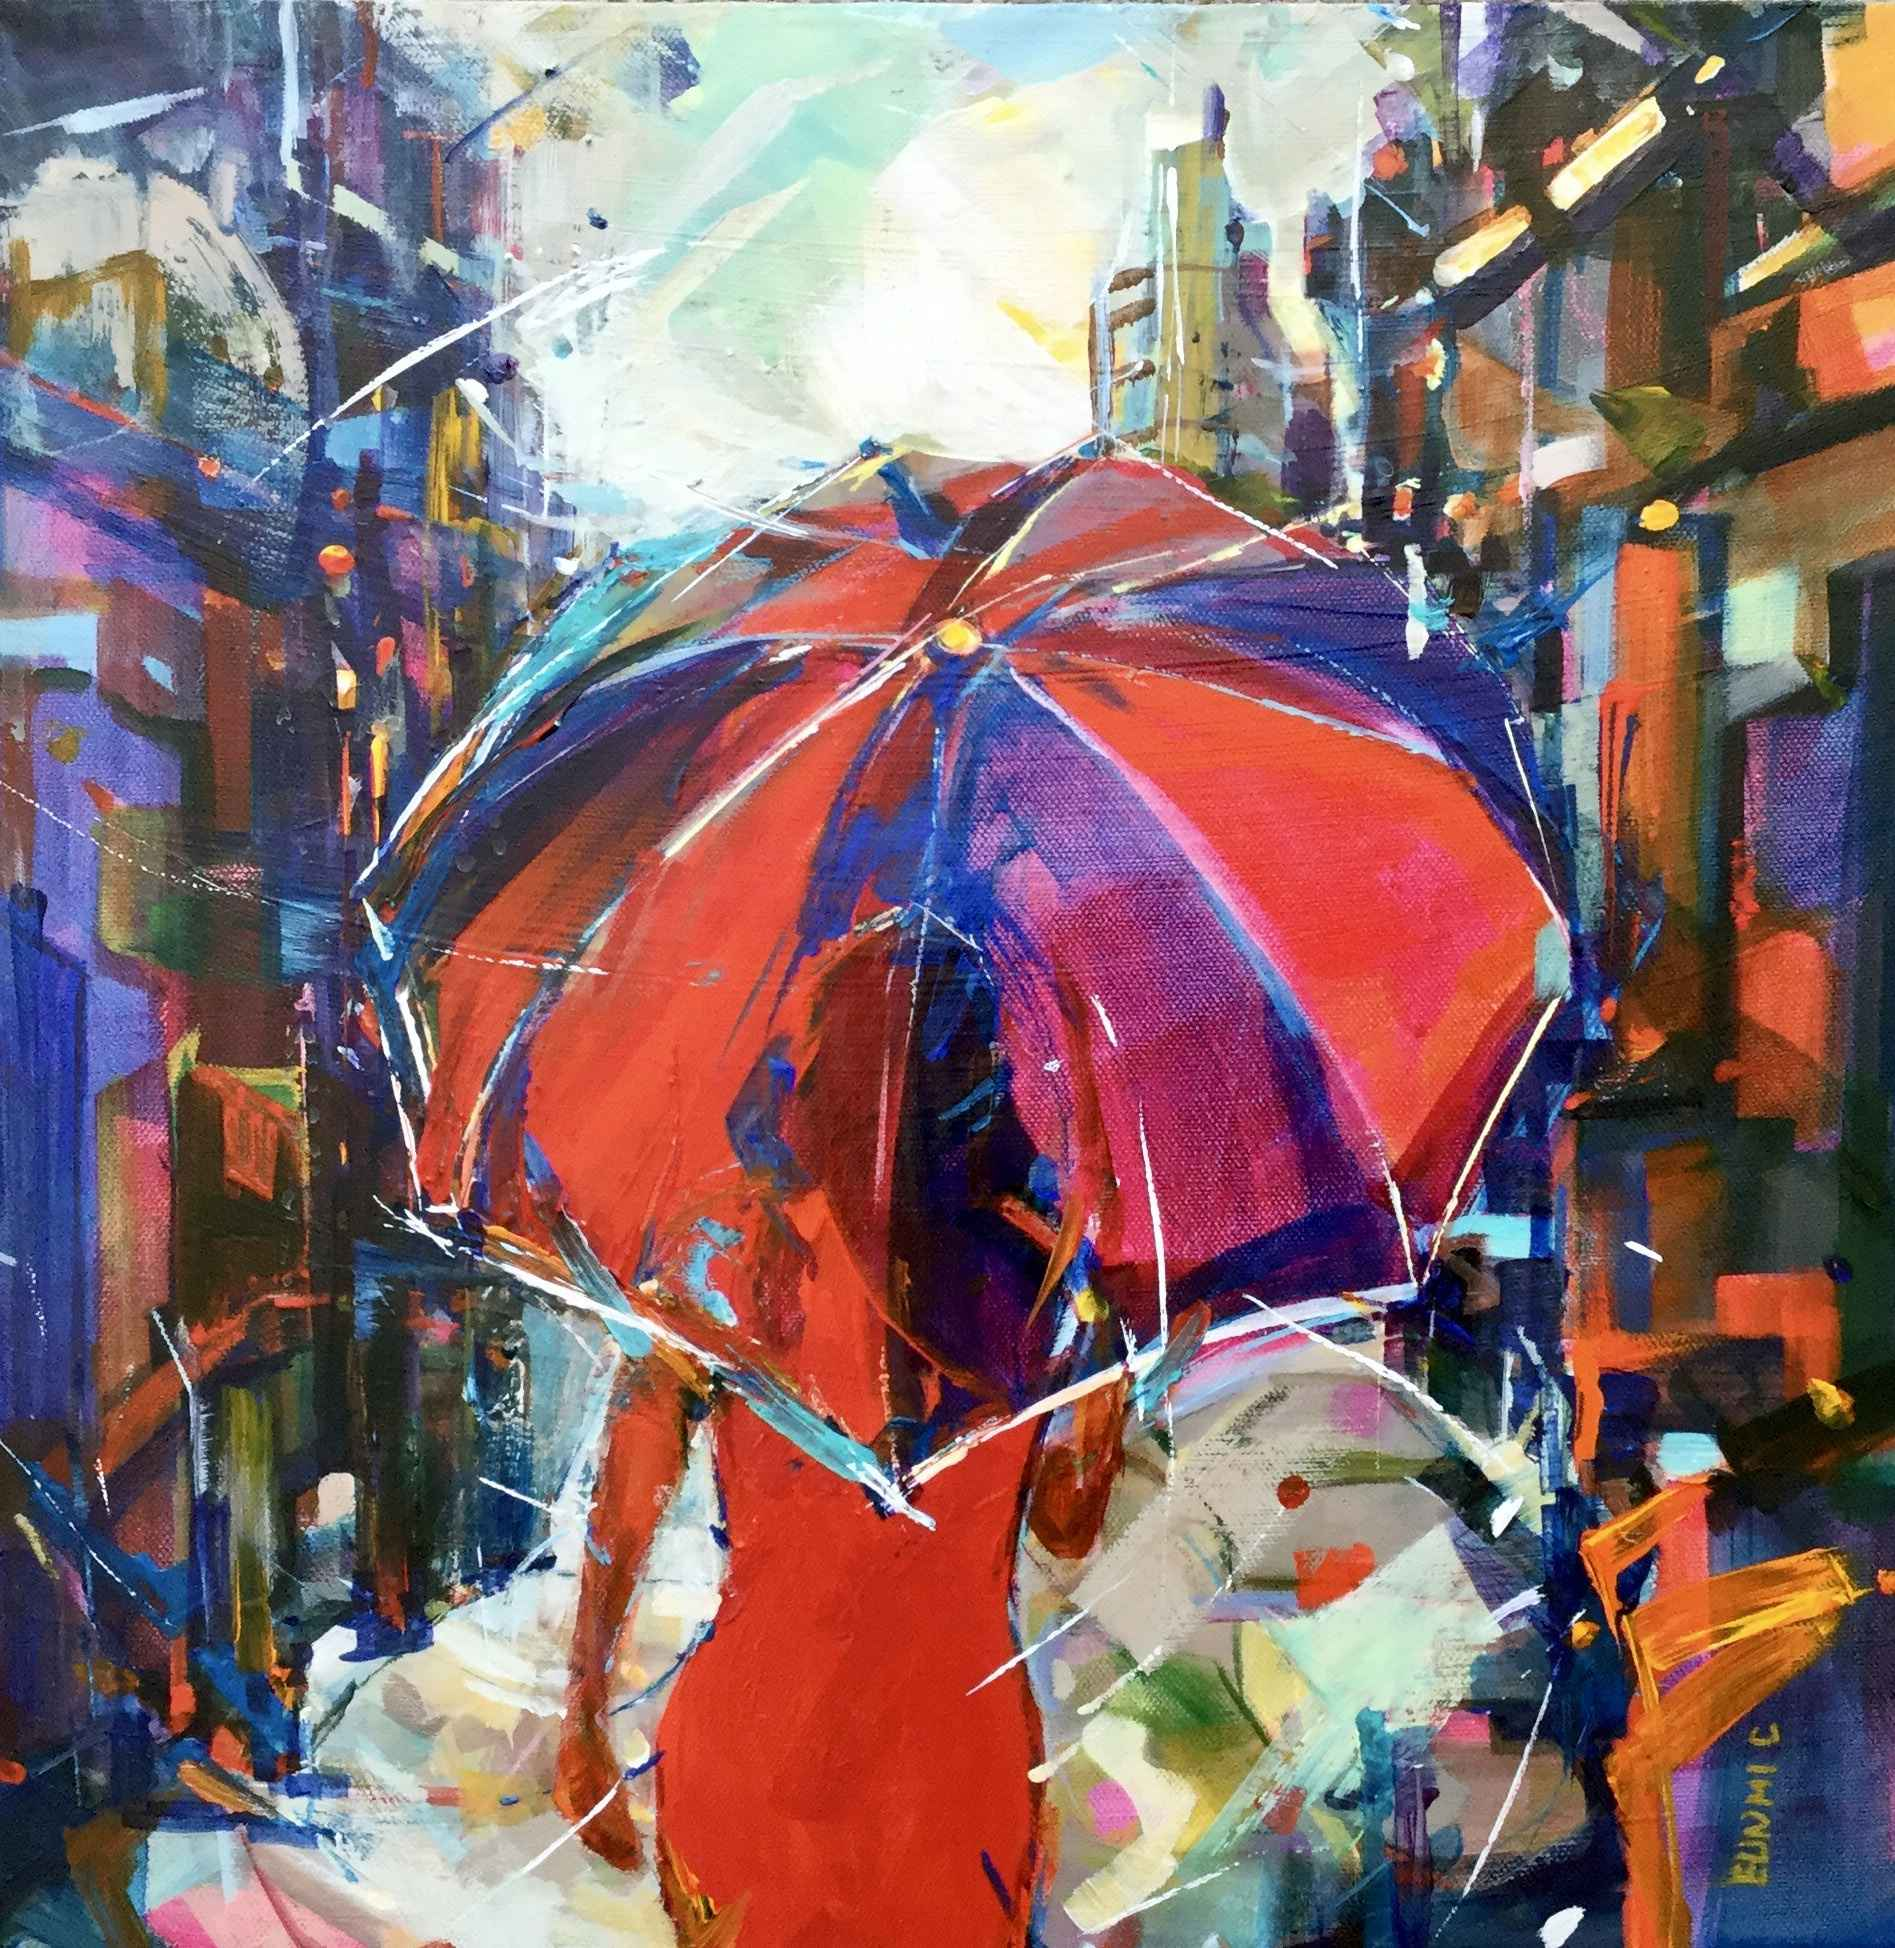 Red Umbrella by  Eunmi Conacher - Masterpiece Online